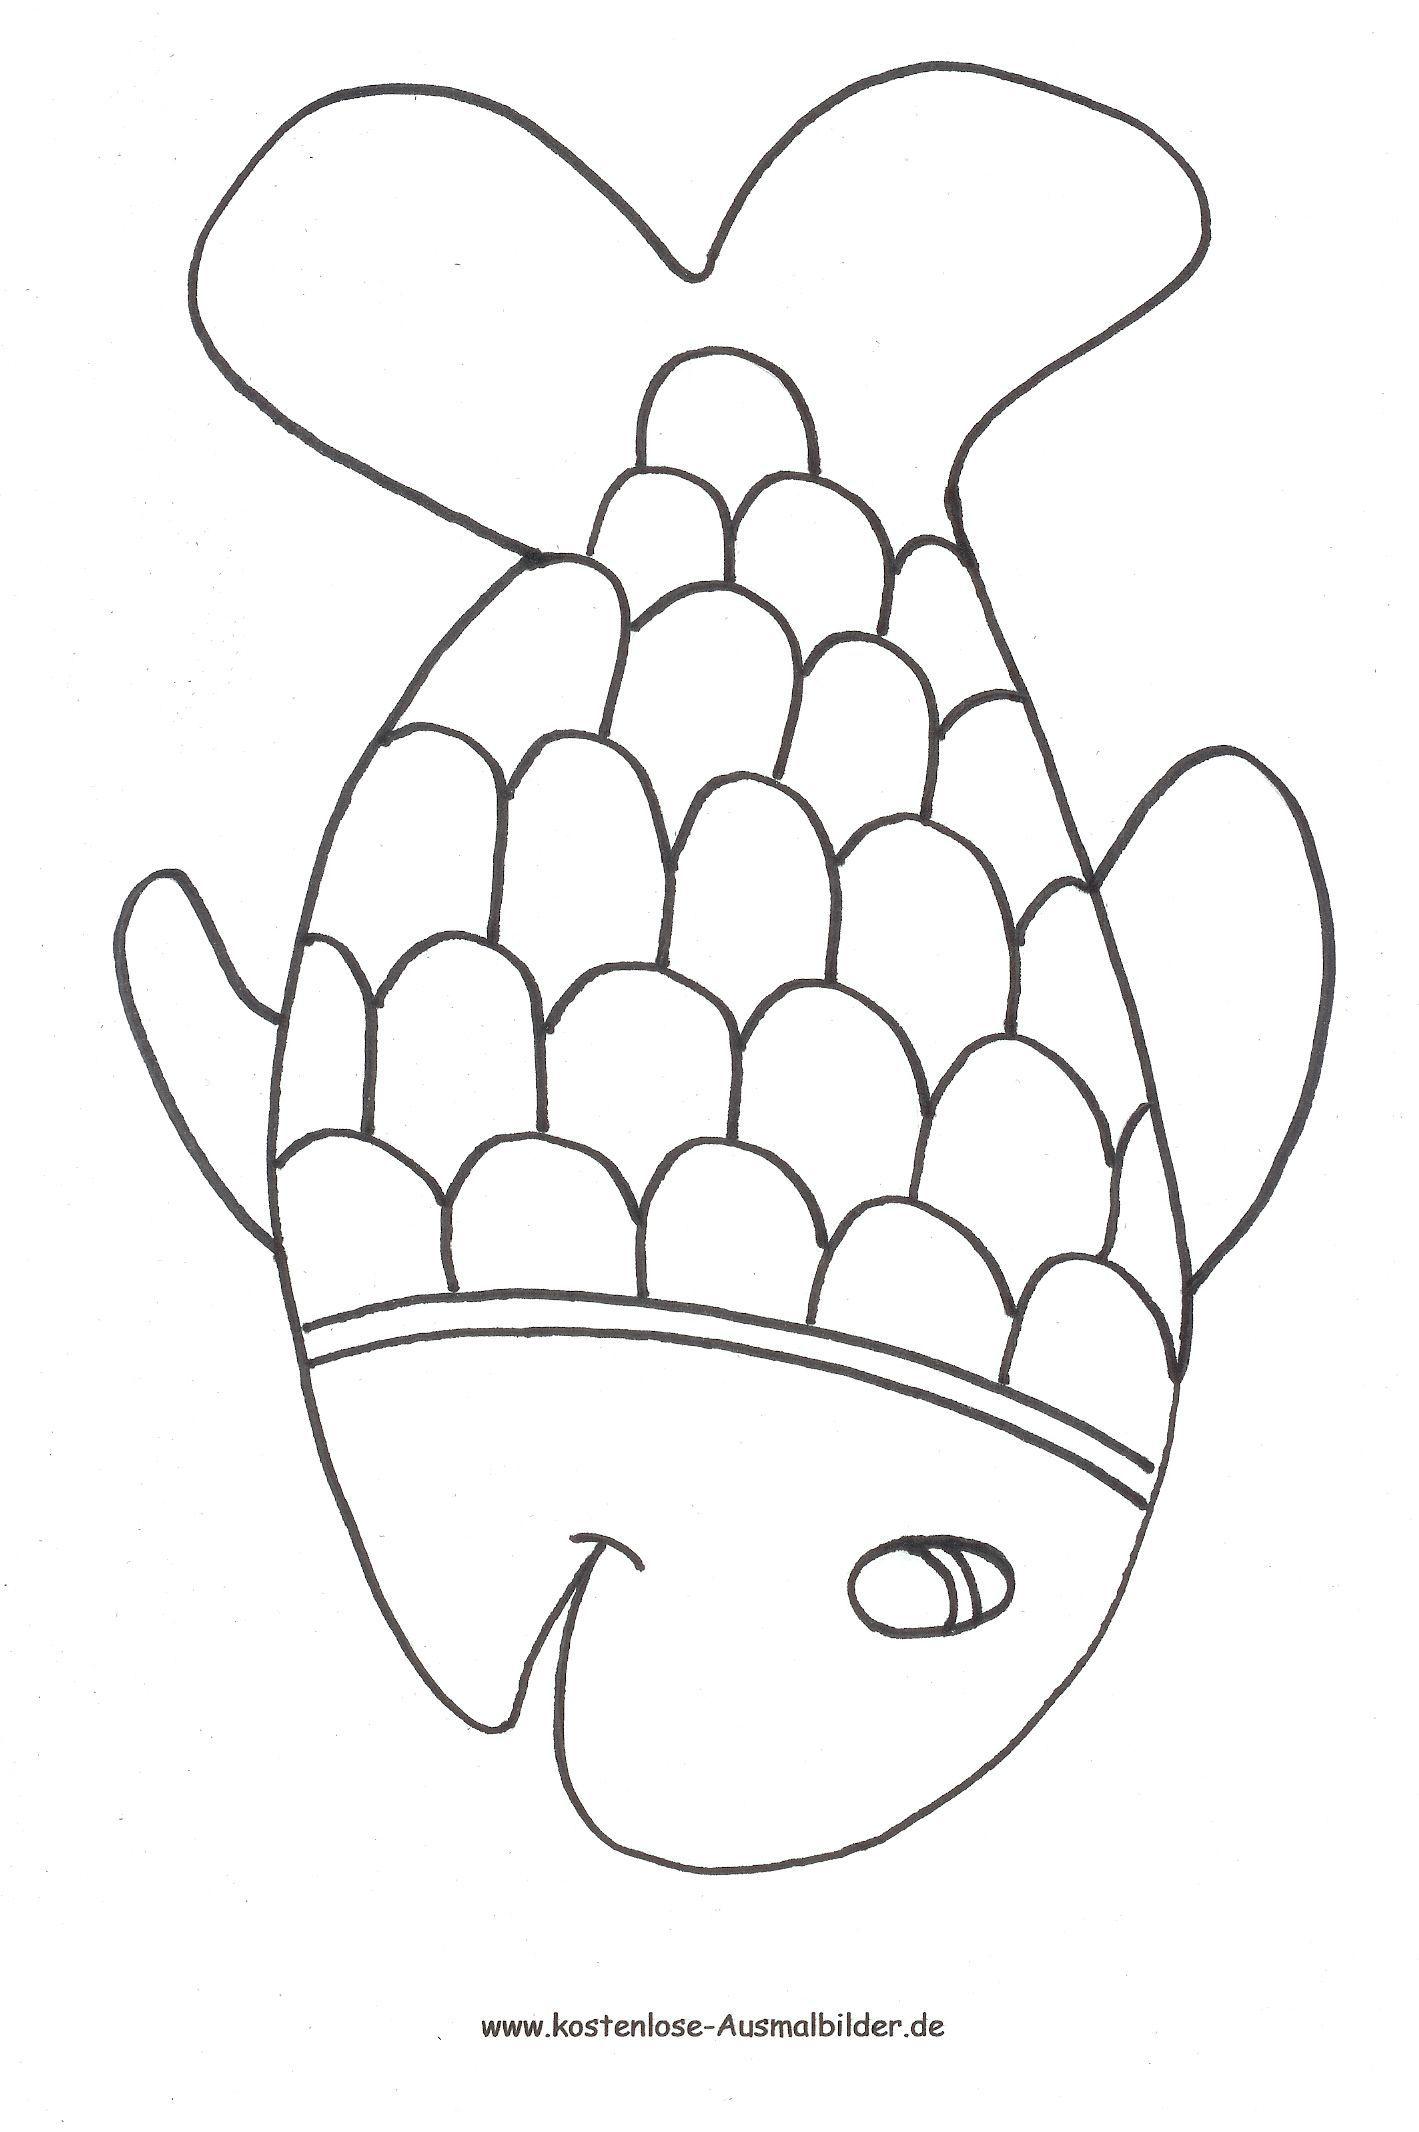 regenbogenfisch ausmalbilder malvorlagen  best style news